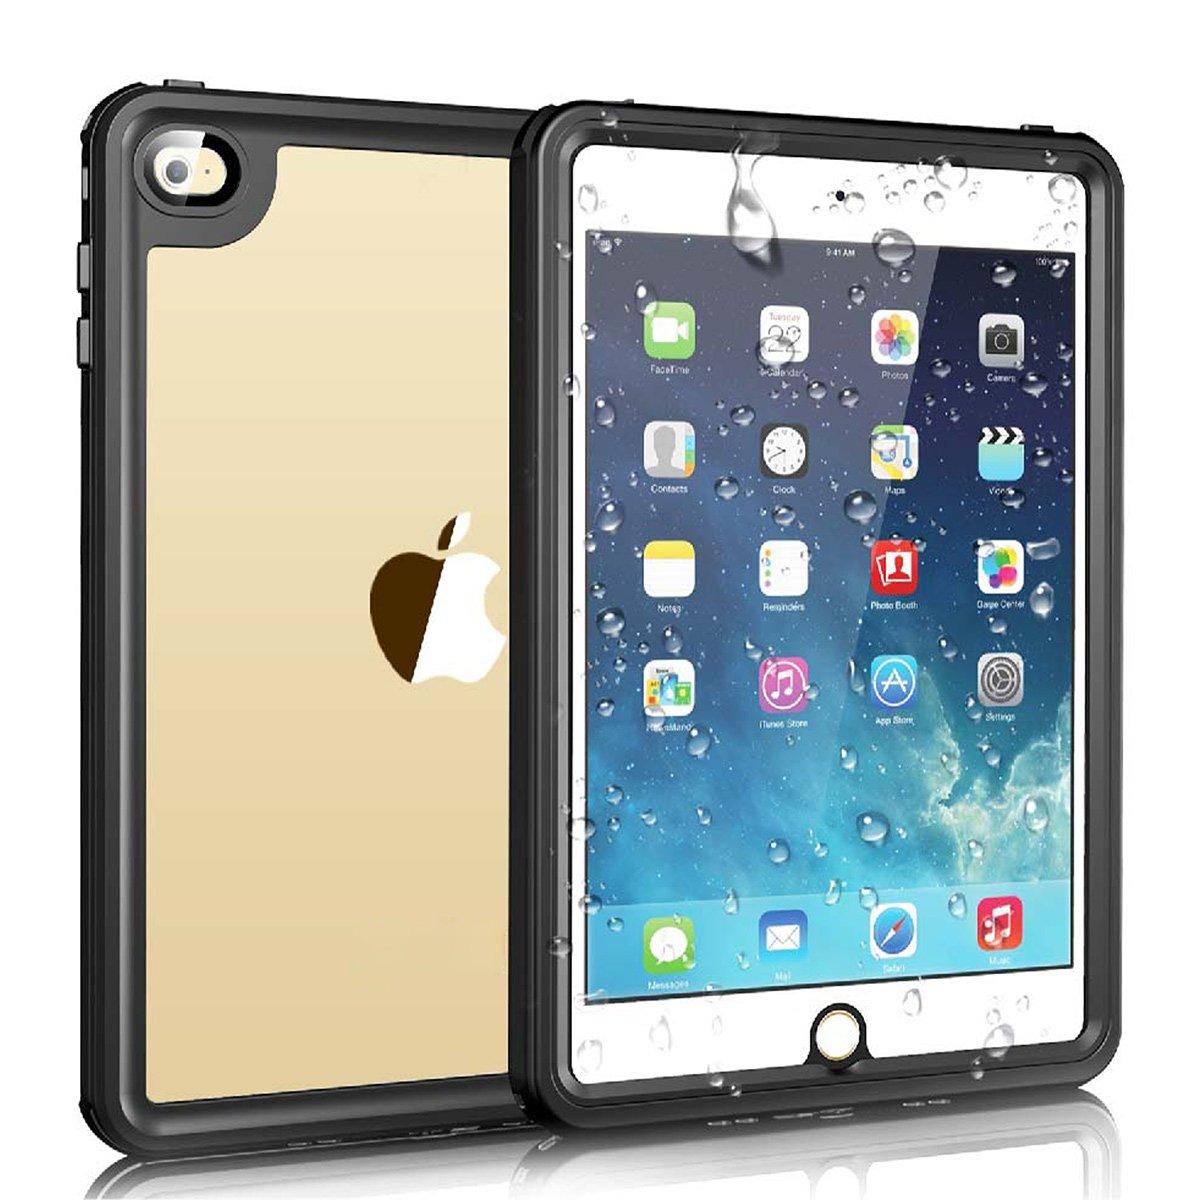 一番の iPad 水中保護ケース Mini 4 防水ケース FugouSell IP68認定 360度保護 iPad 完全密封 iPad 防塵 耐衝撃 水中保護ケース スクリーンプロテクター付き iPad Mini 4用 (ブラック) B07L3ZS86J, セイワムラ:87834fd4 --- a0267596.xsph.ru